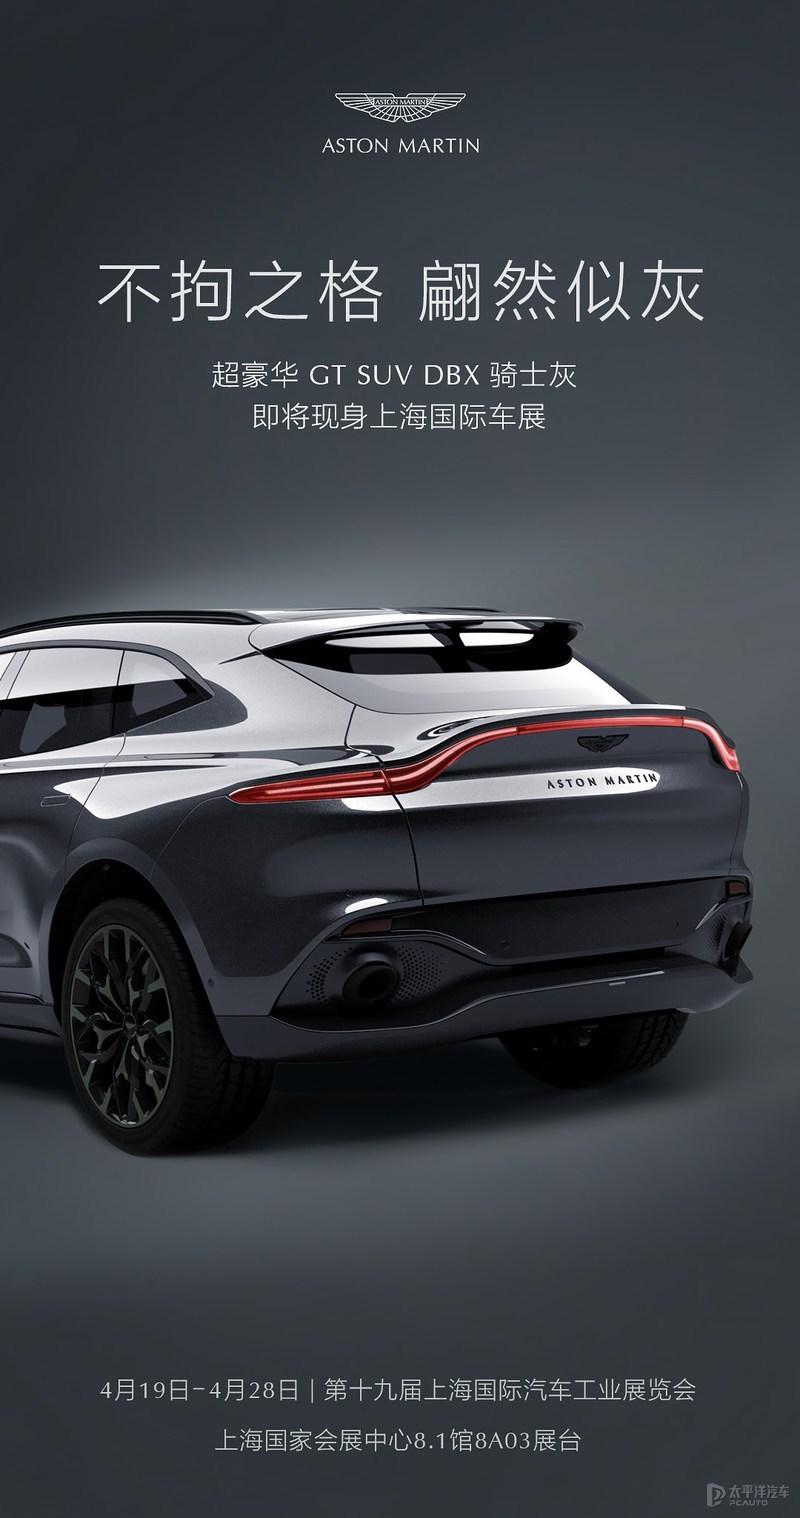 阿斯顿·马丁DBX骑士灰特别版于4月19日上海车展首发